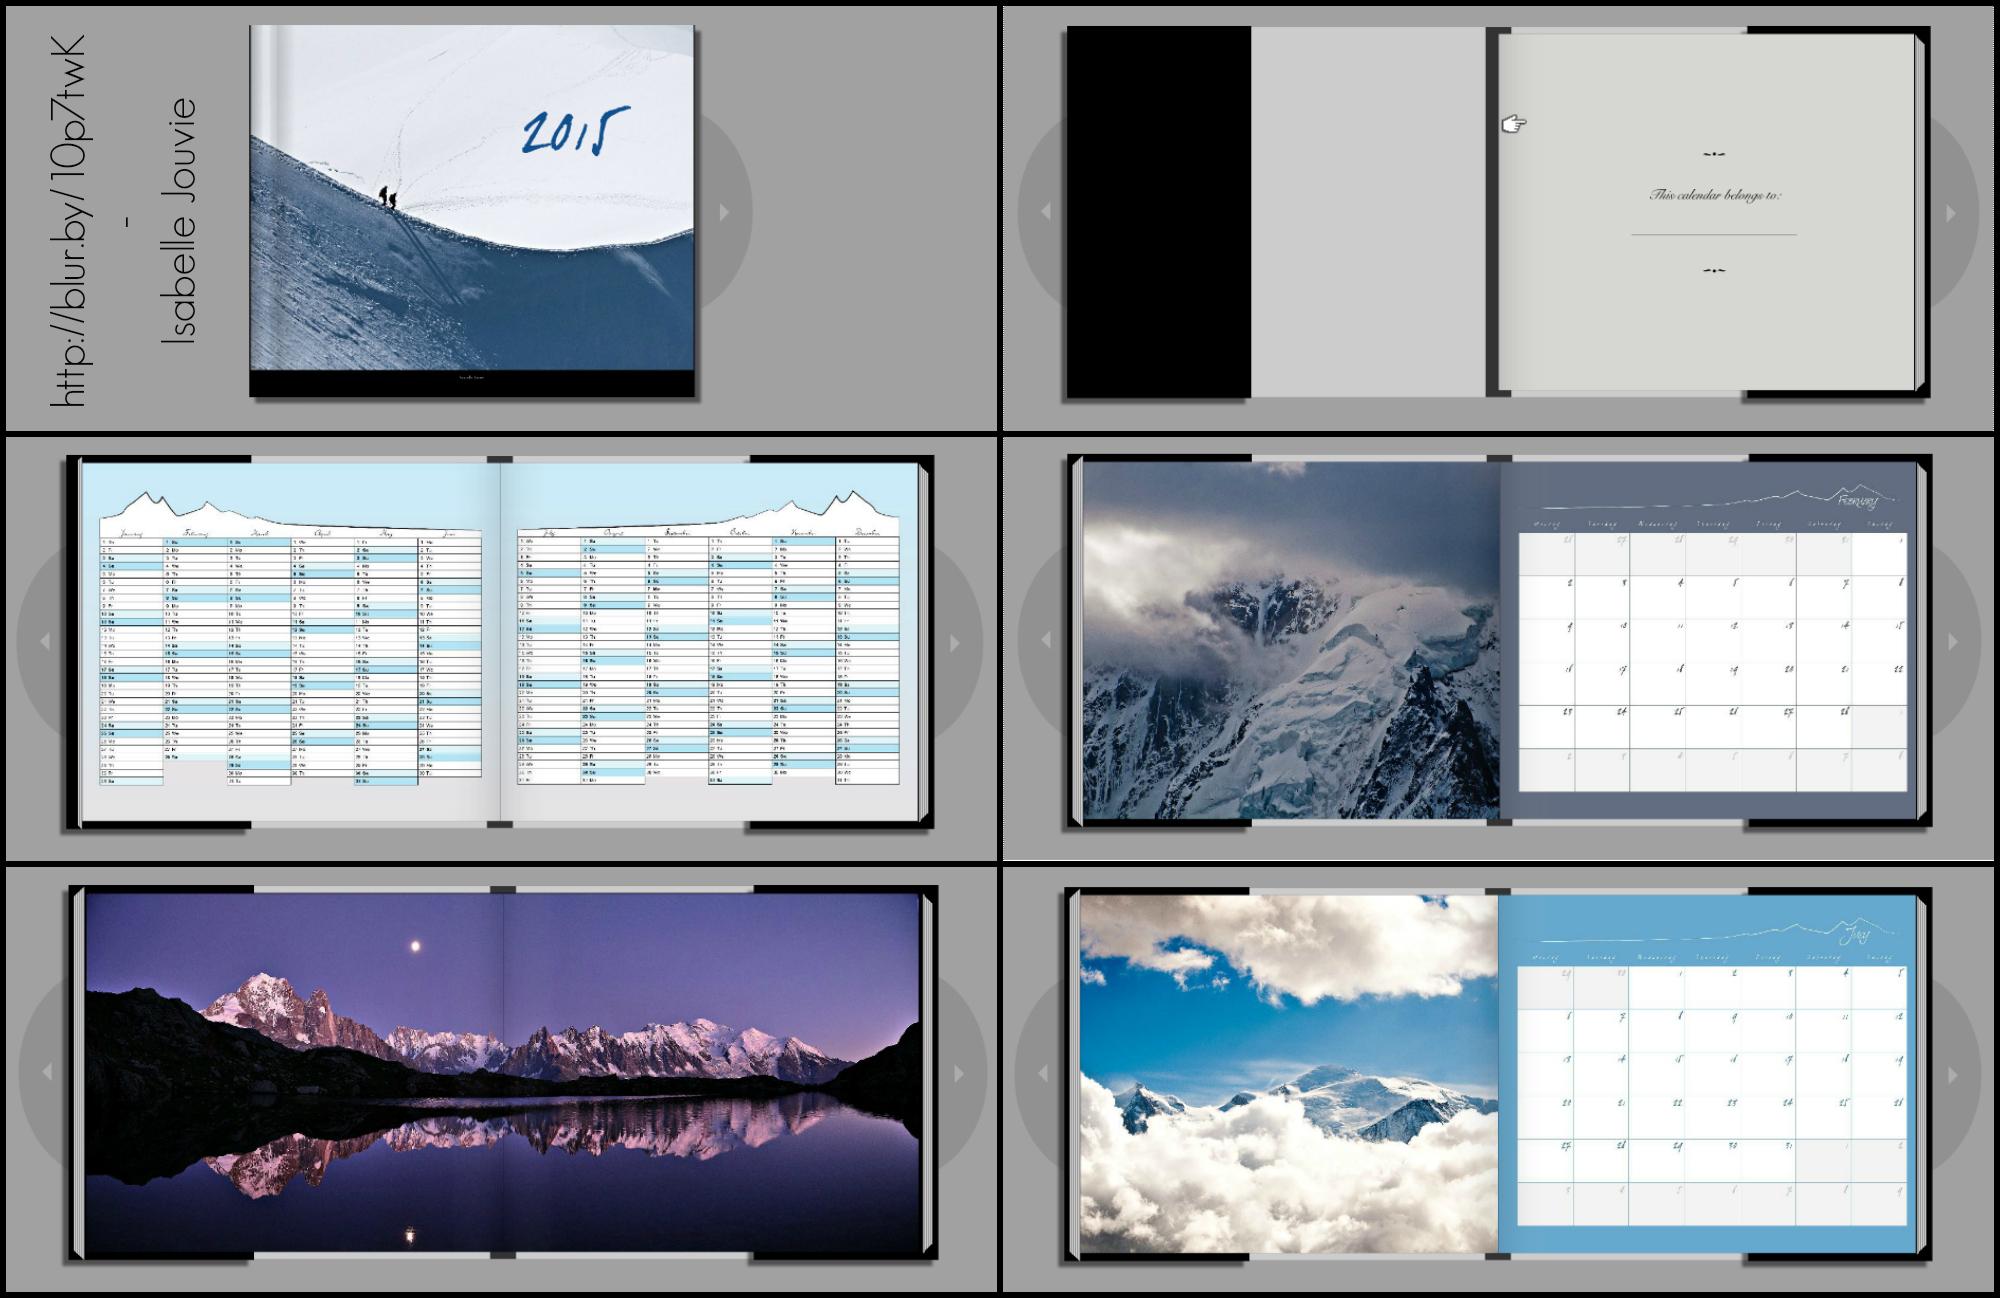 2015 Calendar / Agenda by Zwoing